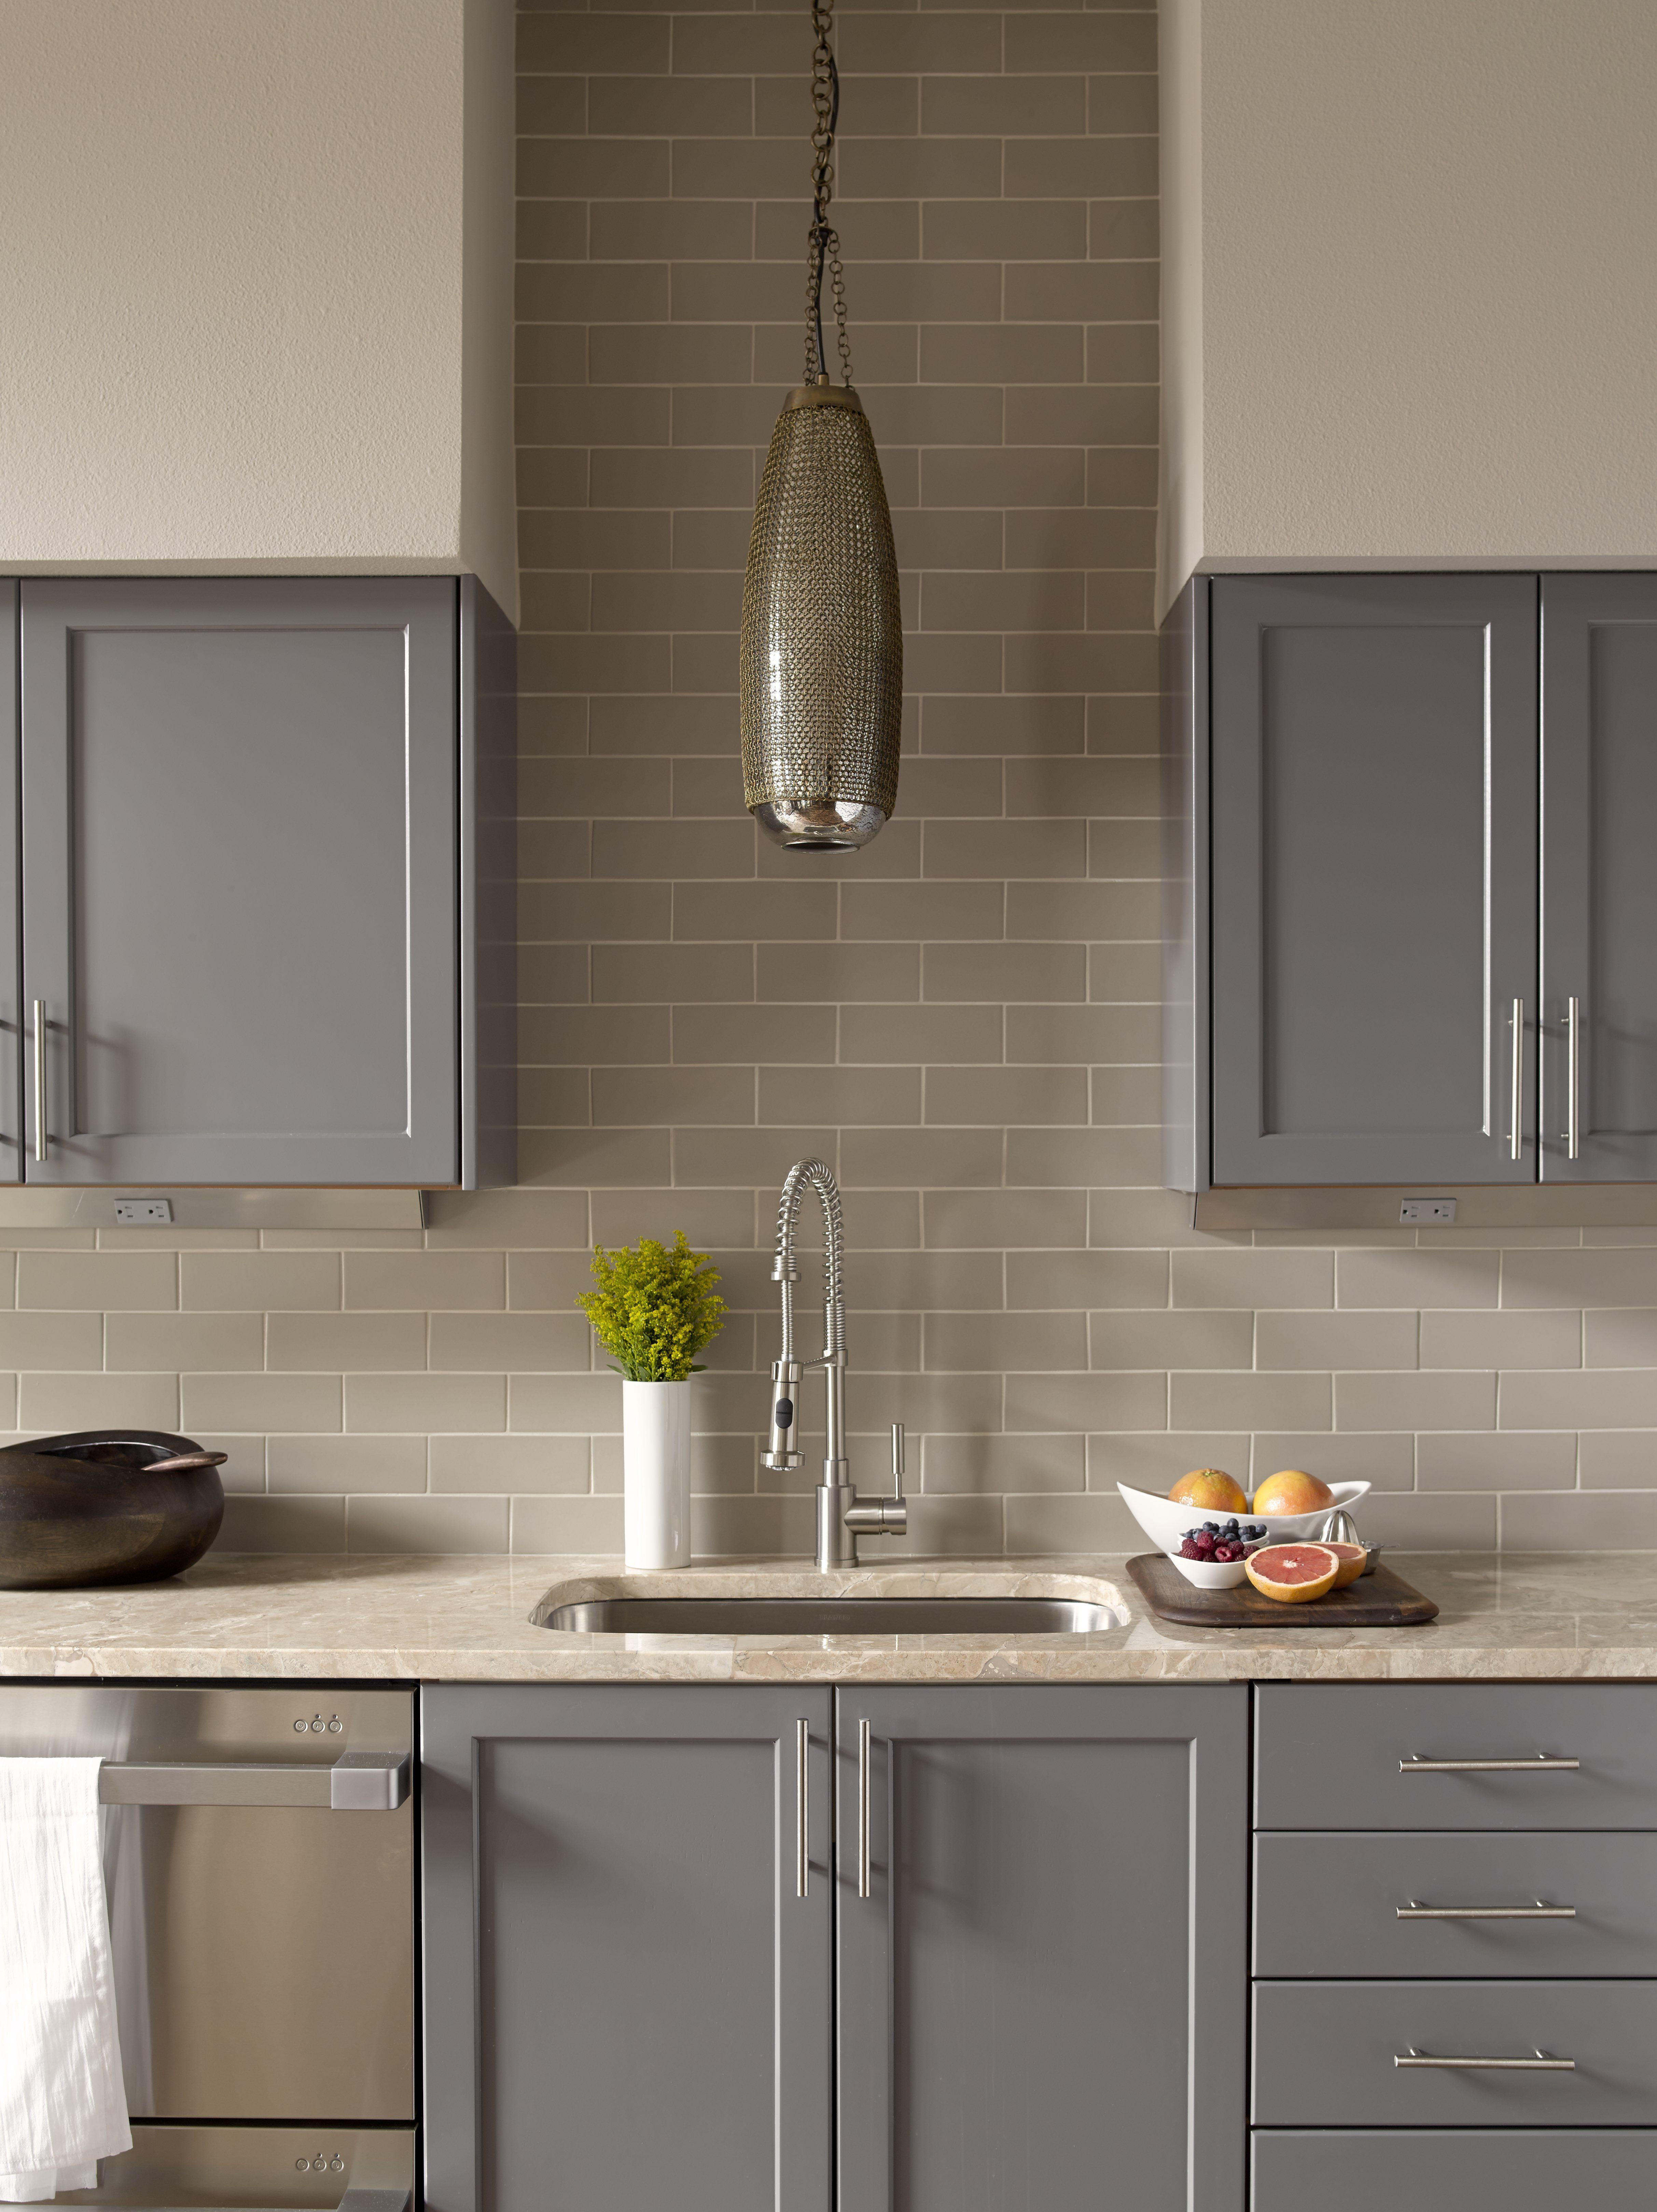 25 Subway Tile Backsplashes - Stylish Subway-Tile Ideas for ...